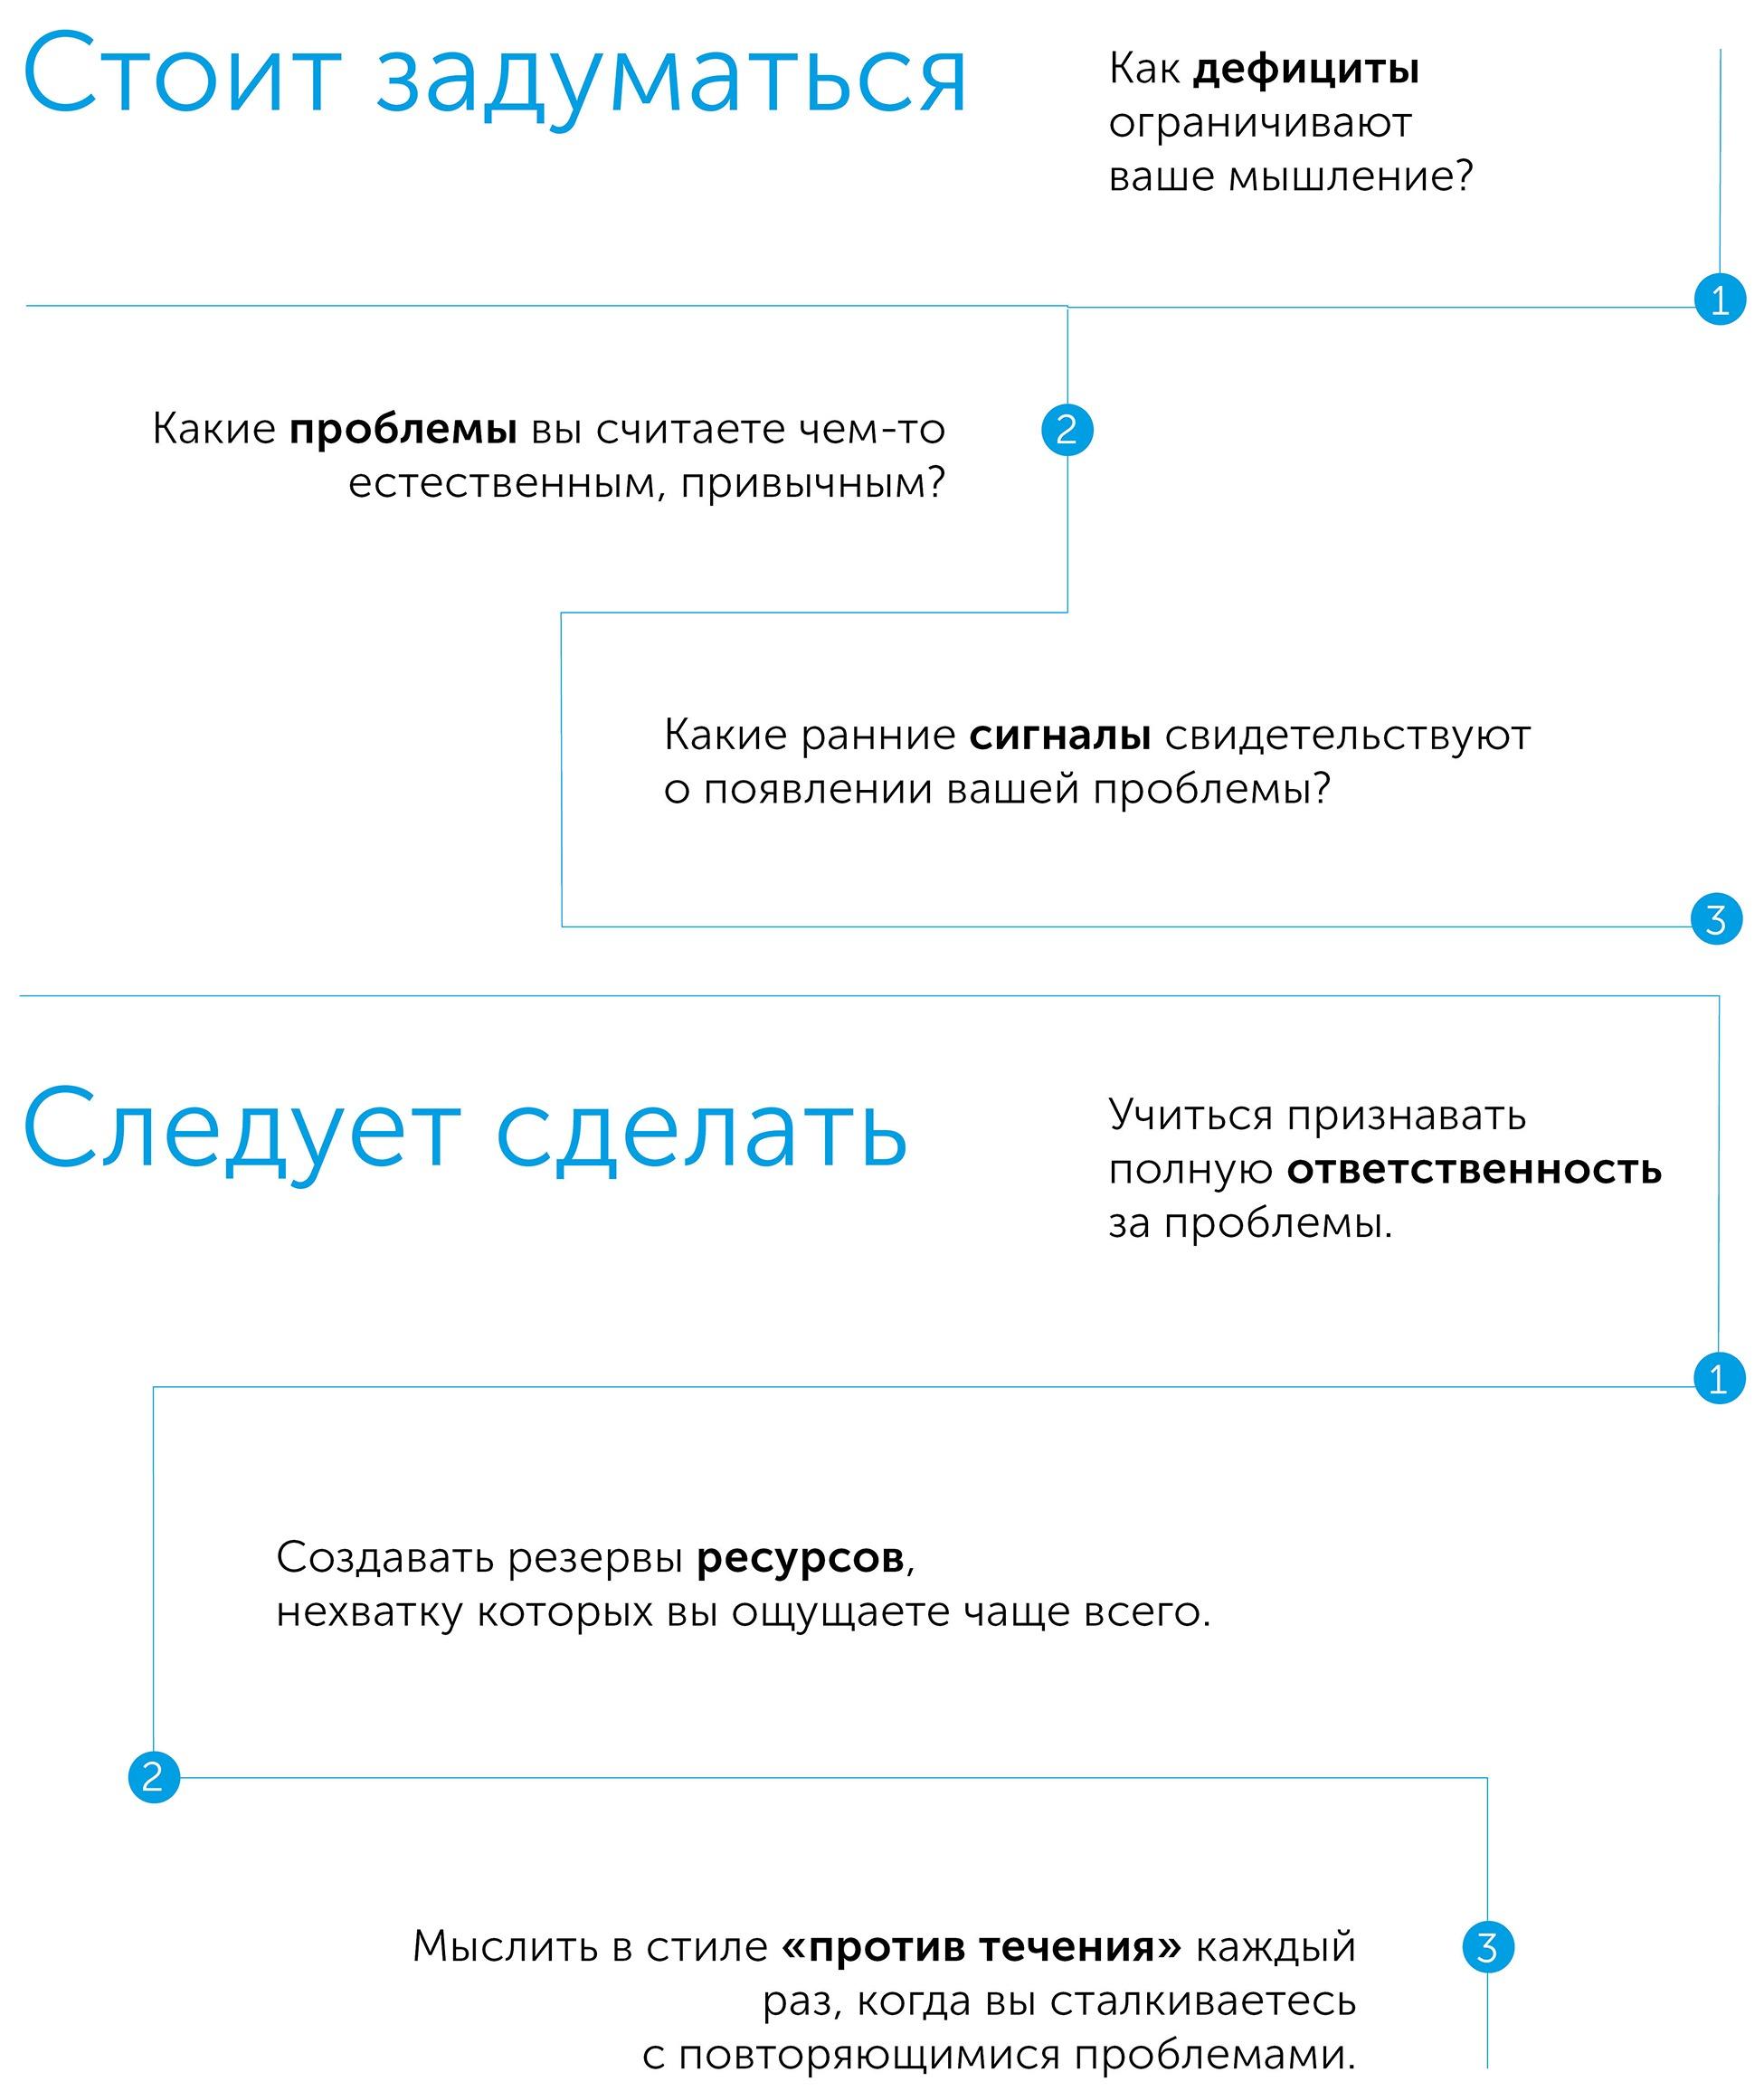 Против течения, author Дэн Хит | Kyivstar Business Hub, image №3